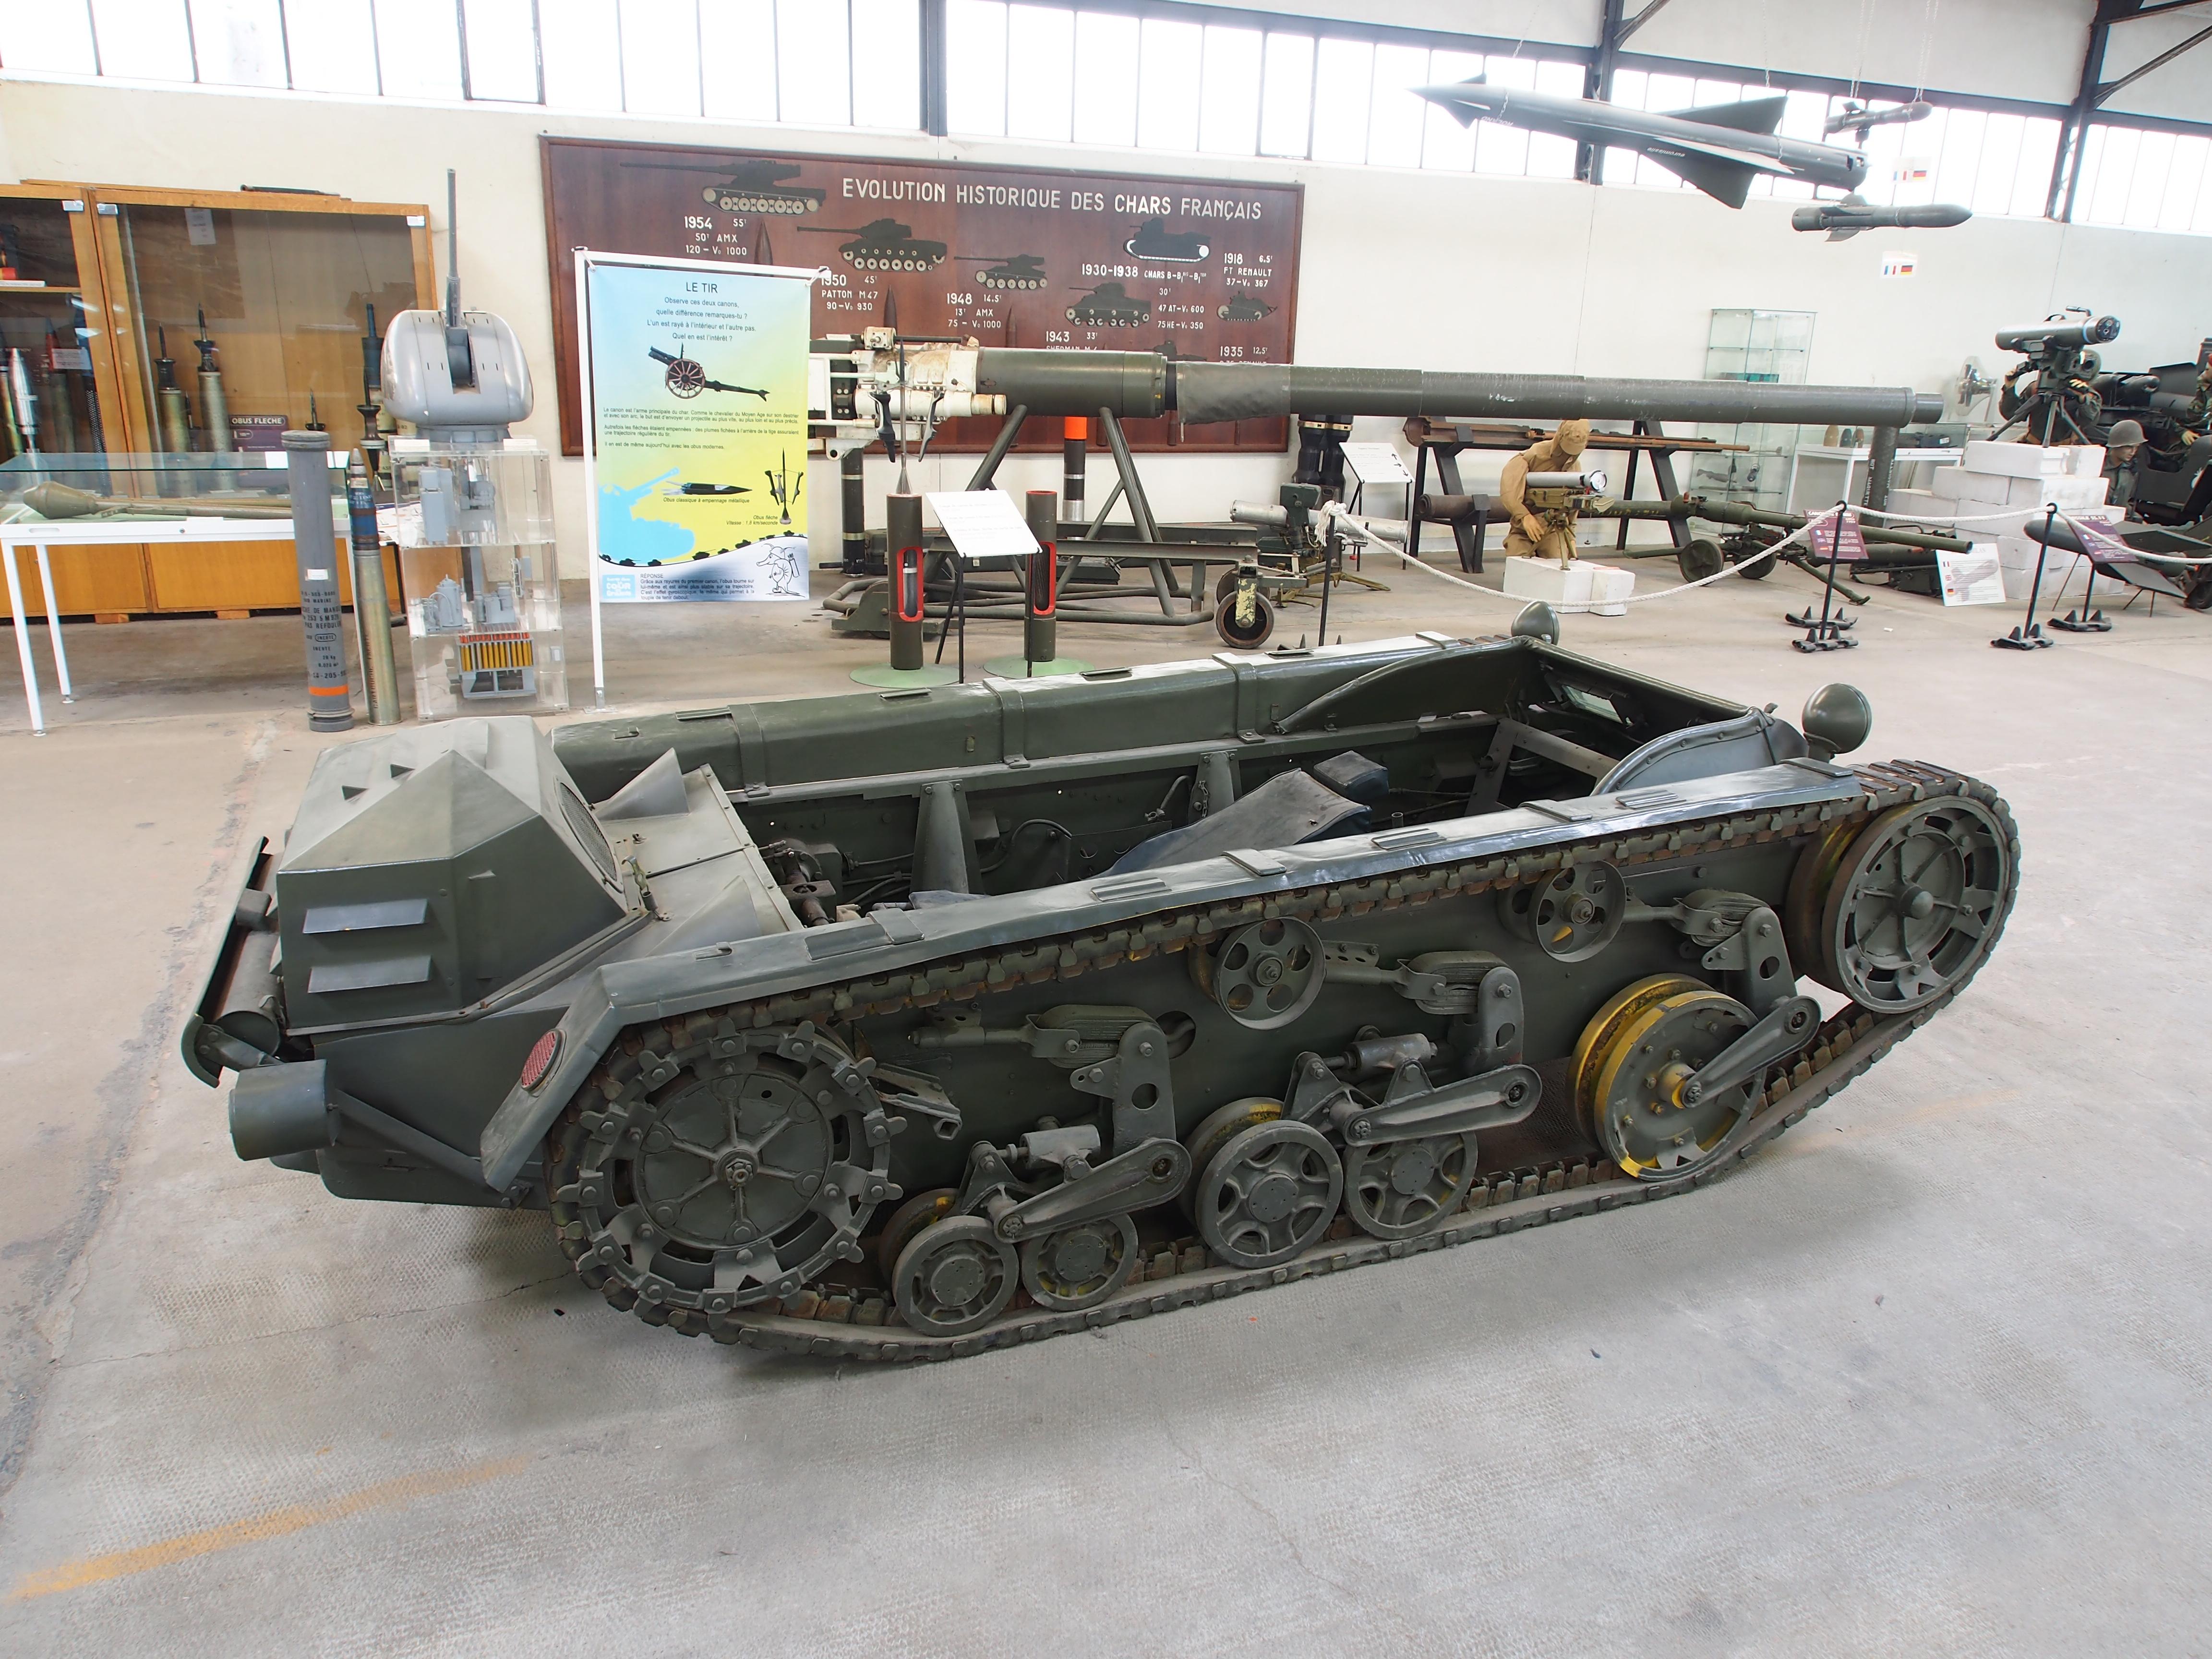 1955_Fouga_VP_90%2C_Tanks_in_the_Mus%C3%